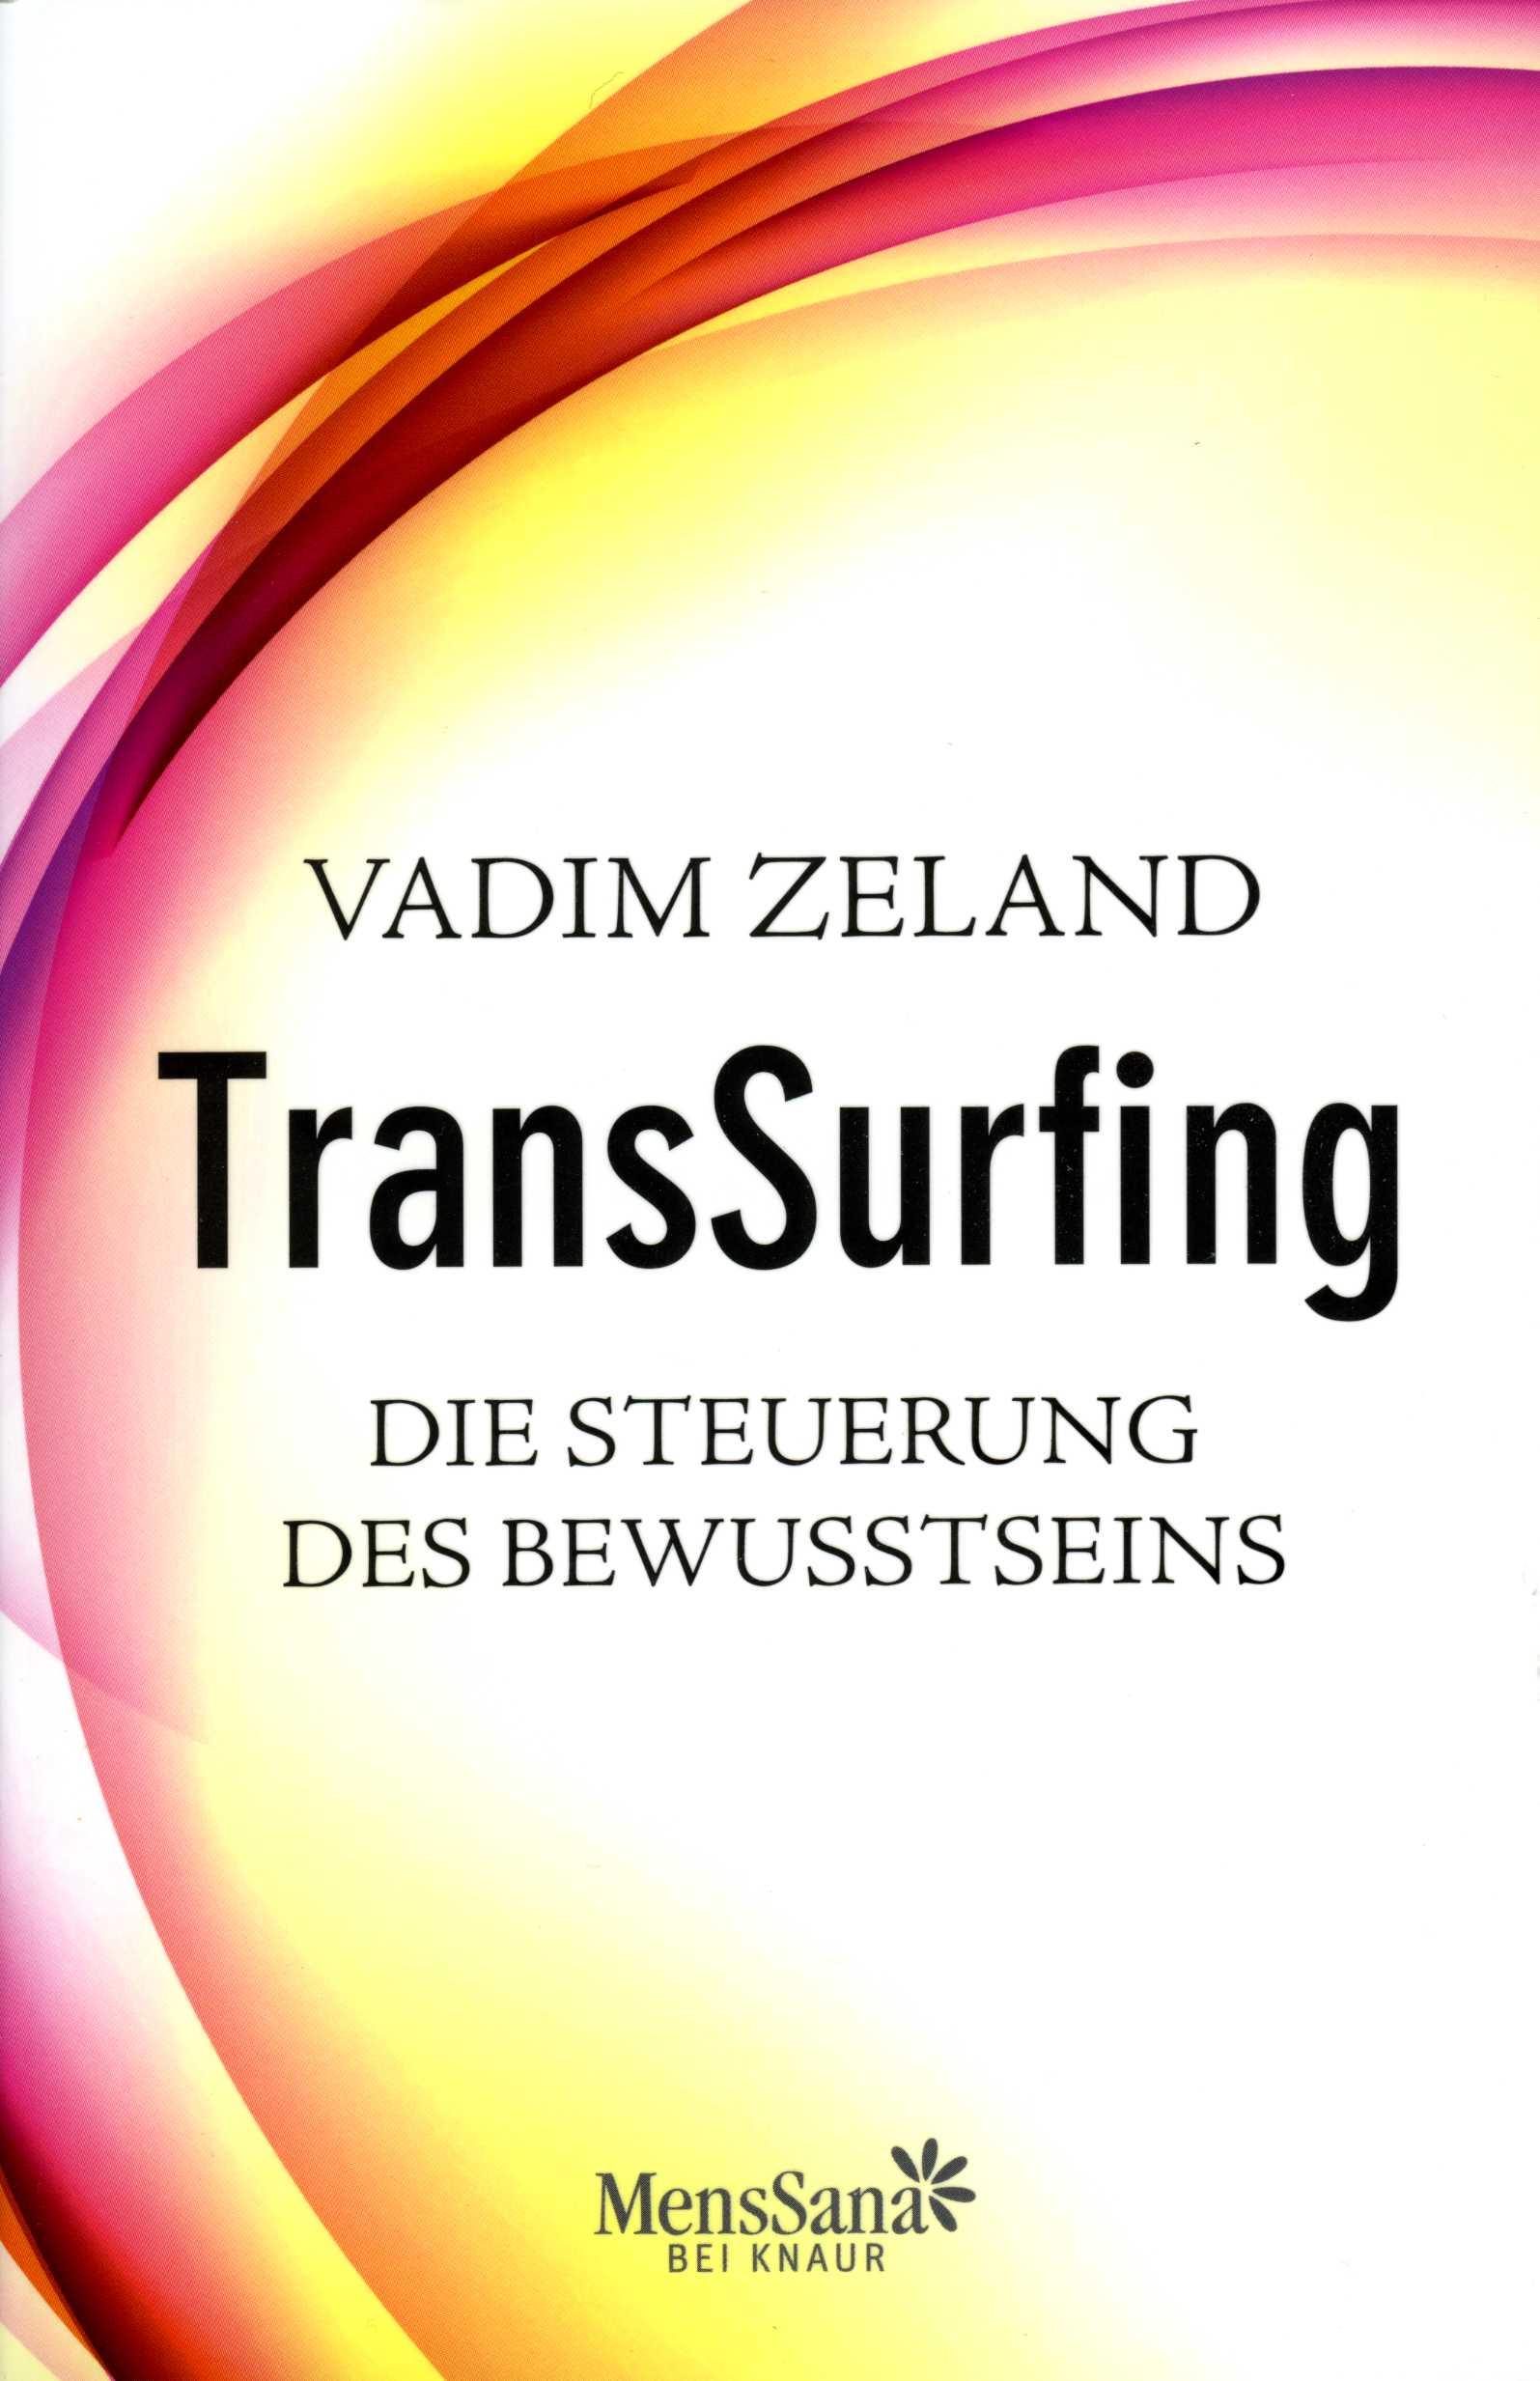 TransSurfing - Die Steuerung des Bewusstseins.